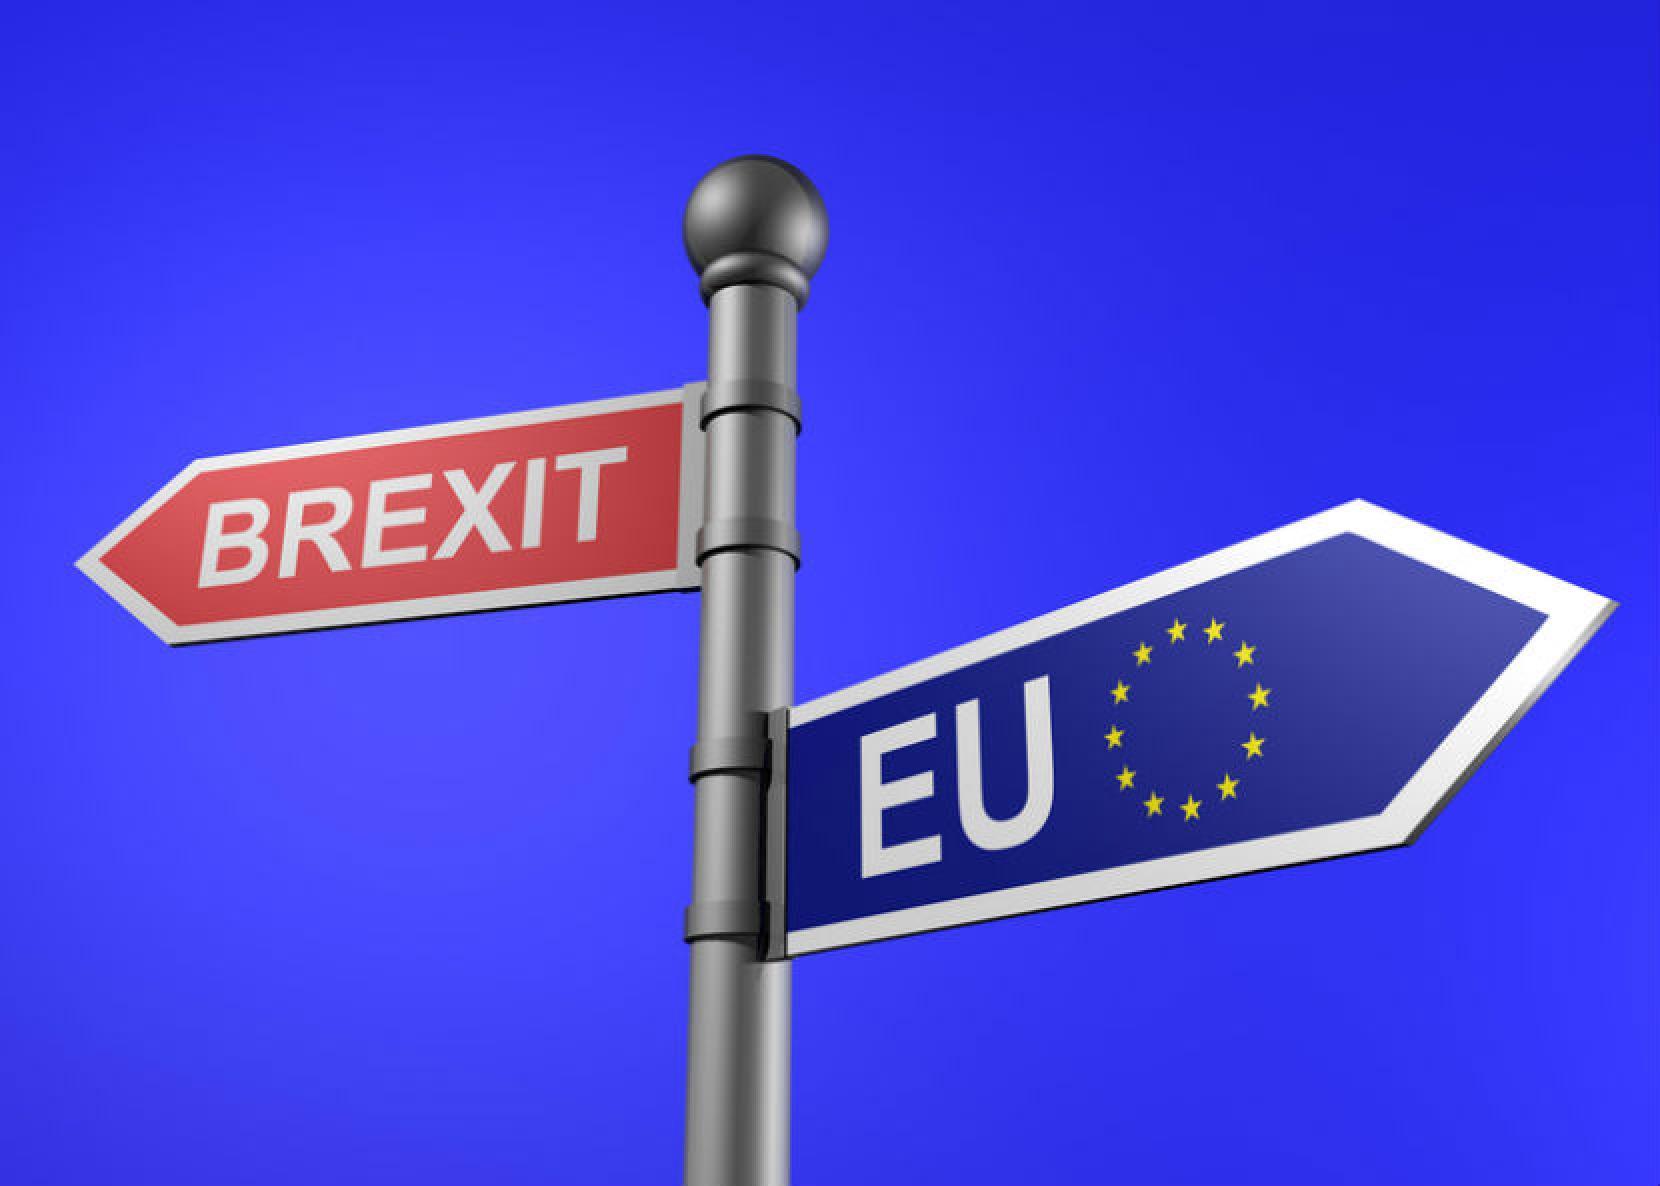 """Državljani EU se prijavljuju za post-Brexit """"useljenički status"""" u Velikoj Britaniji"""